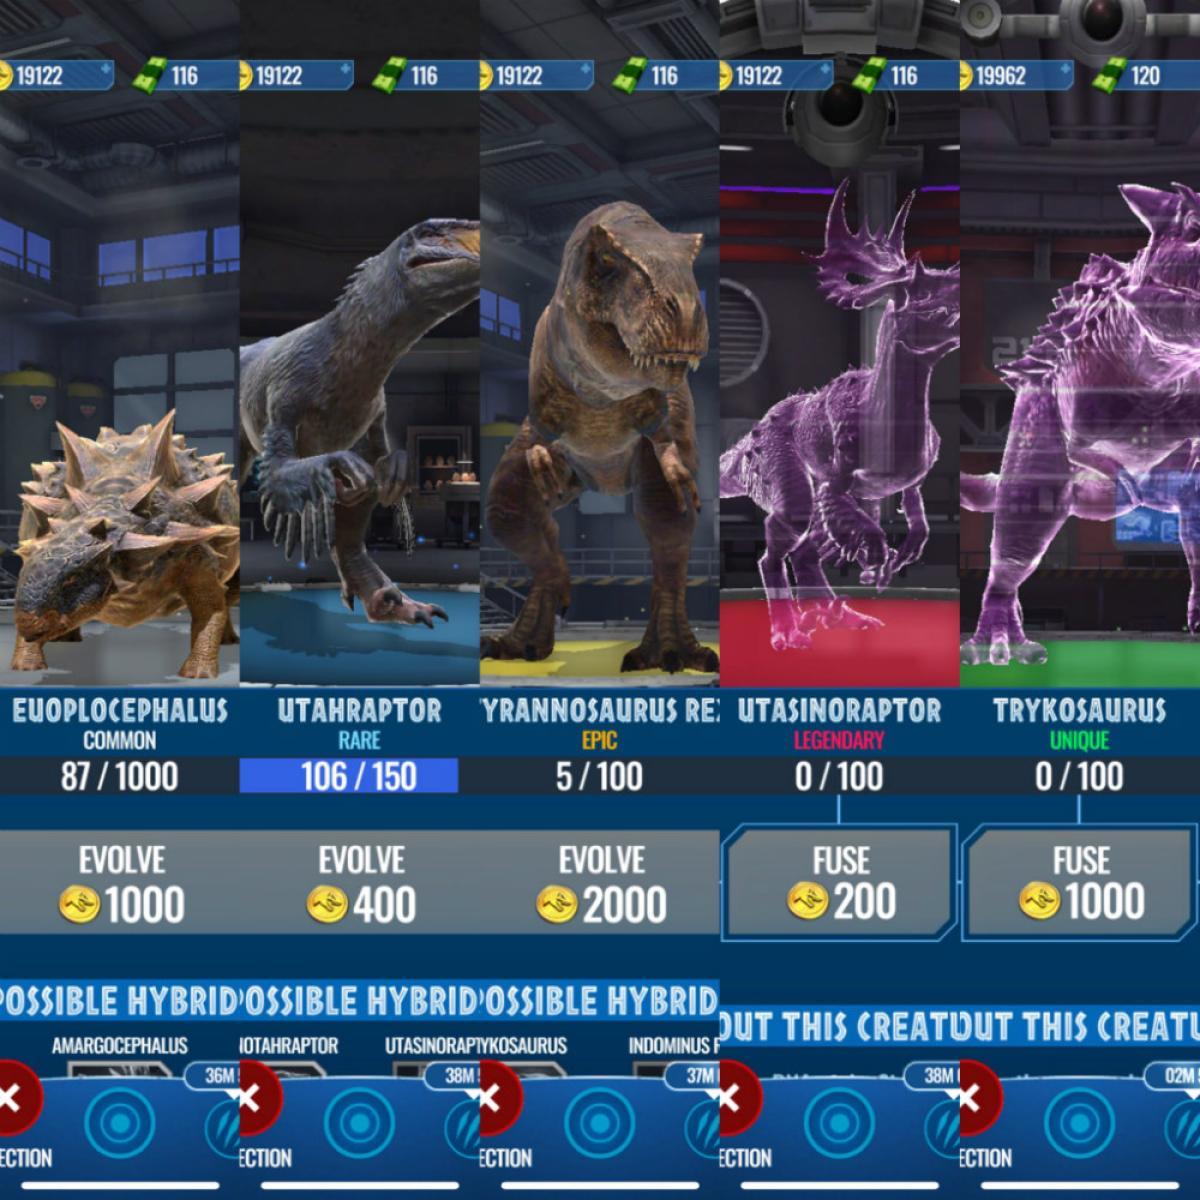 Jurassic World Alive Trucos Y Consejos Para Empezar A Jugar Al Pokemon Go Con Dinosaurios Hobbyconsolas Juegos See more of jurassic world alive on facebook. jurassic world alive trucos y consejos